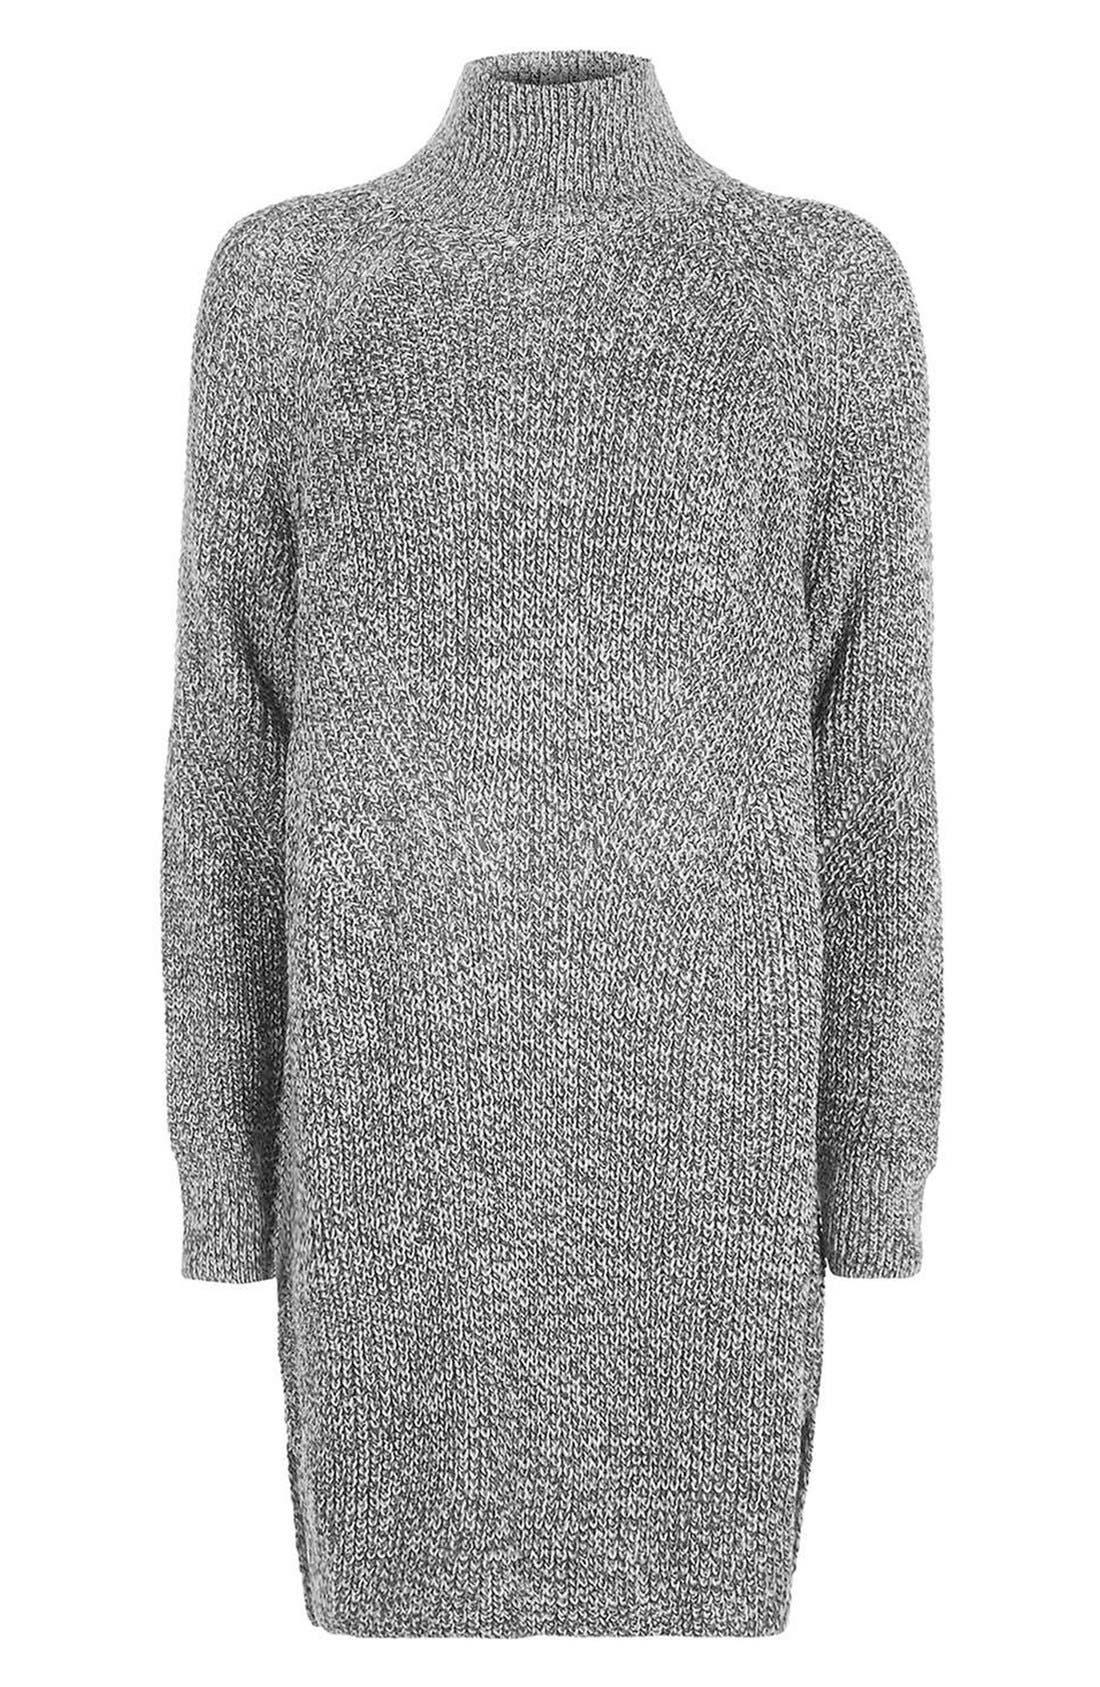 Alternate Image 5  - Topshop Grunge Funnel Neck Sweater Dress